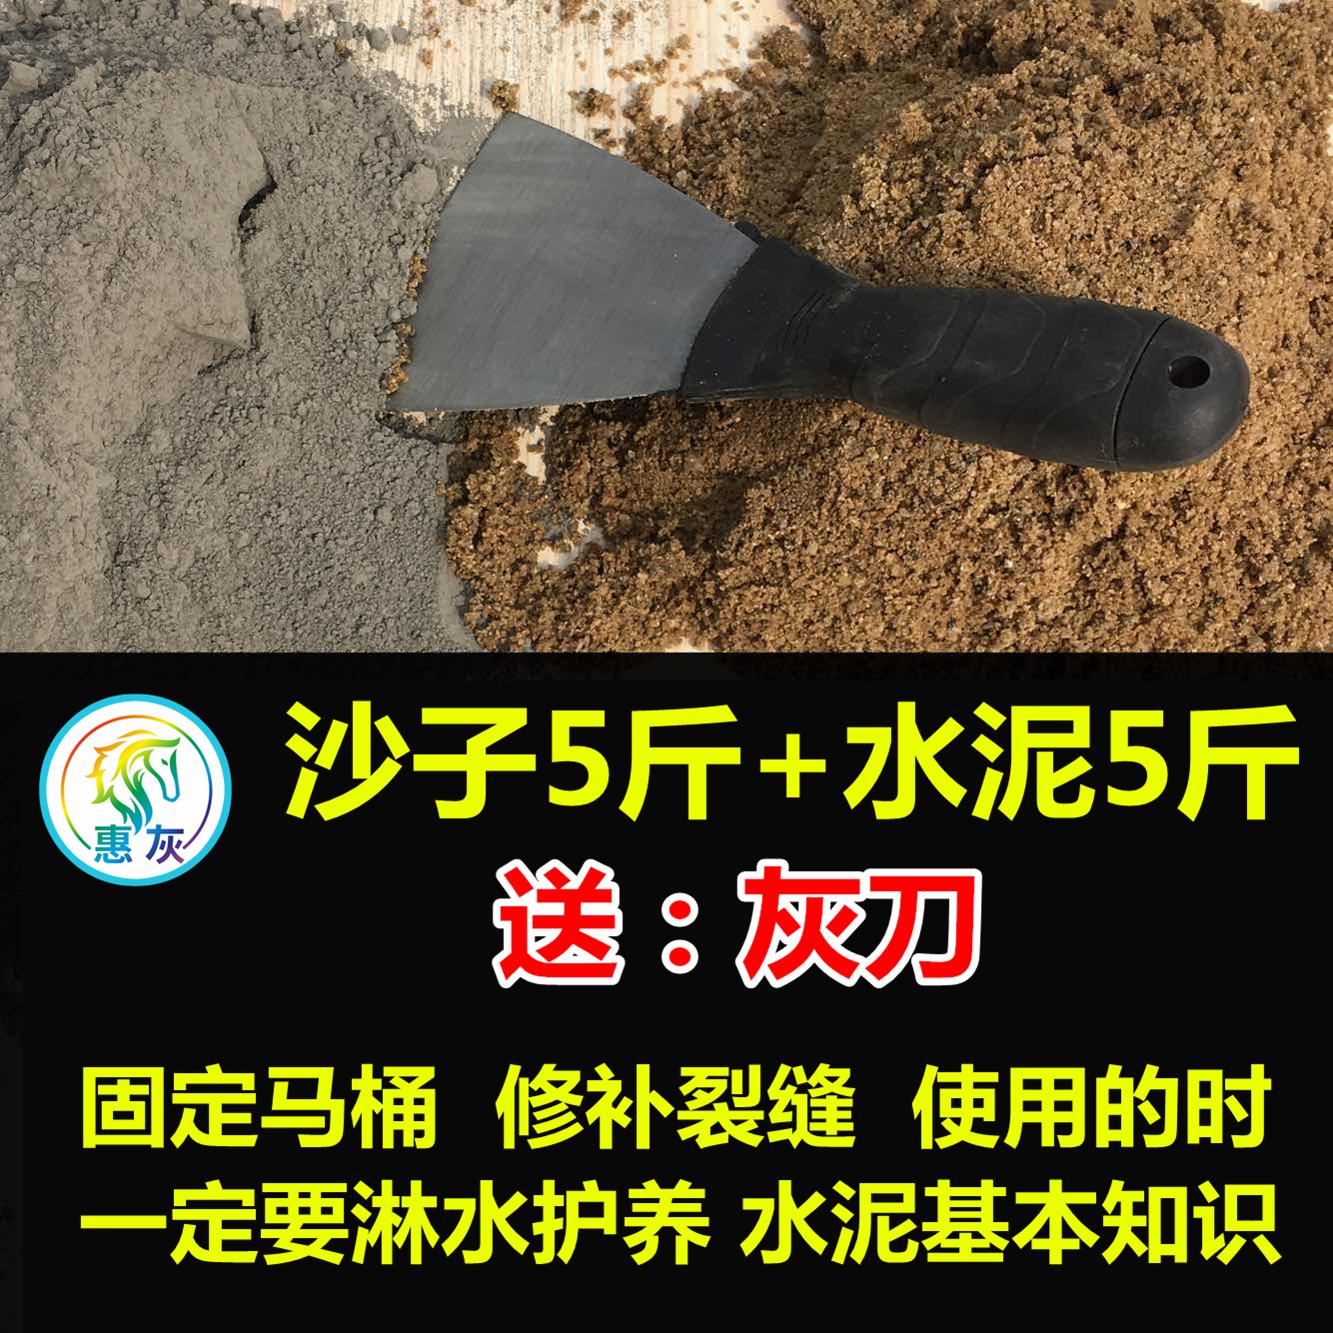 425好水泥包邮卫生间漏水修补水泥散装小包送黄沙补漏水泥包邮